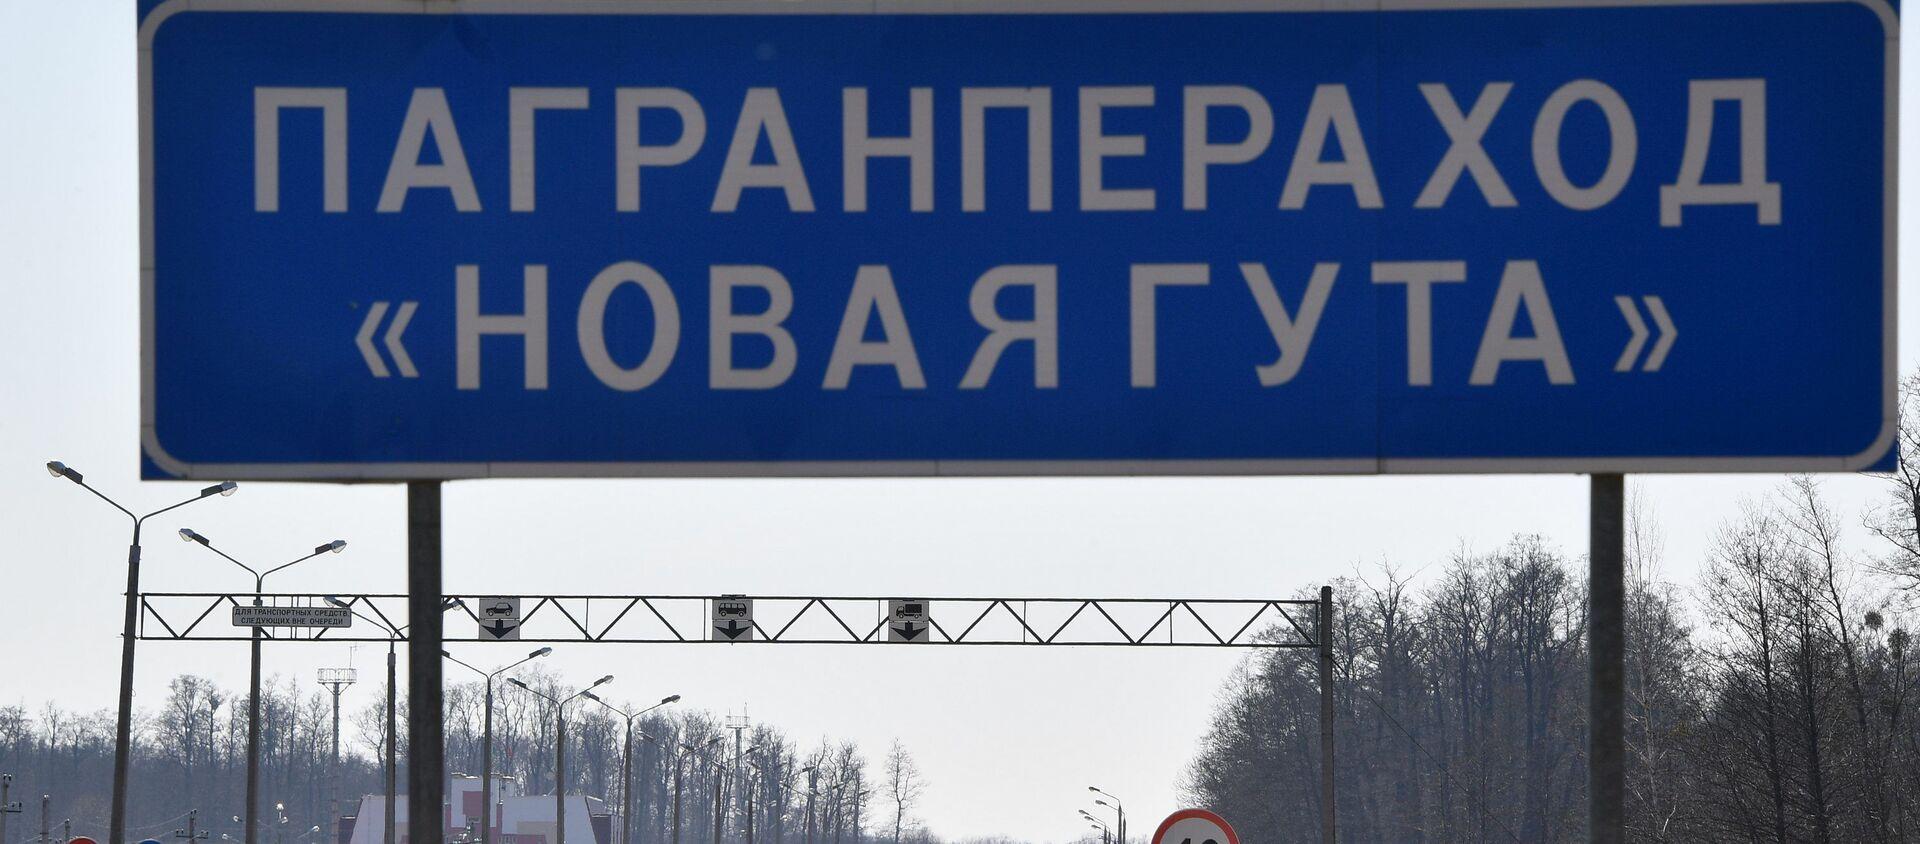 У пункта пропуска Новая Гута на границе с Украиной непривычно мало машин - Sputnik Беларусь, 1920, 13.02.2021